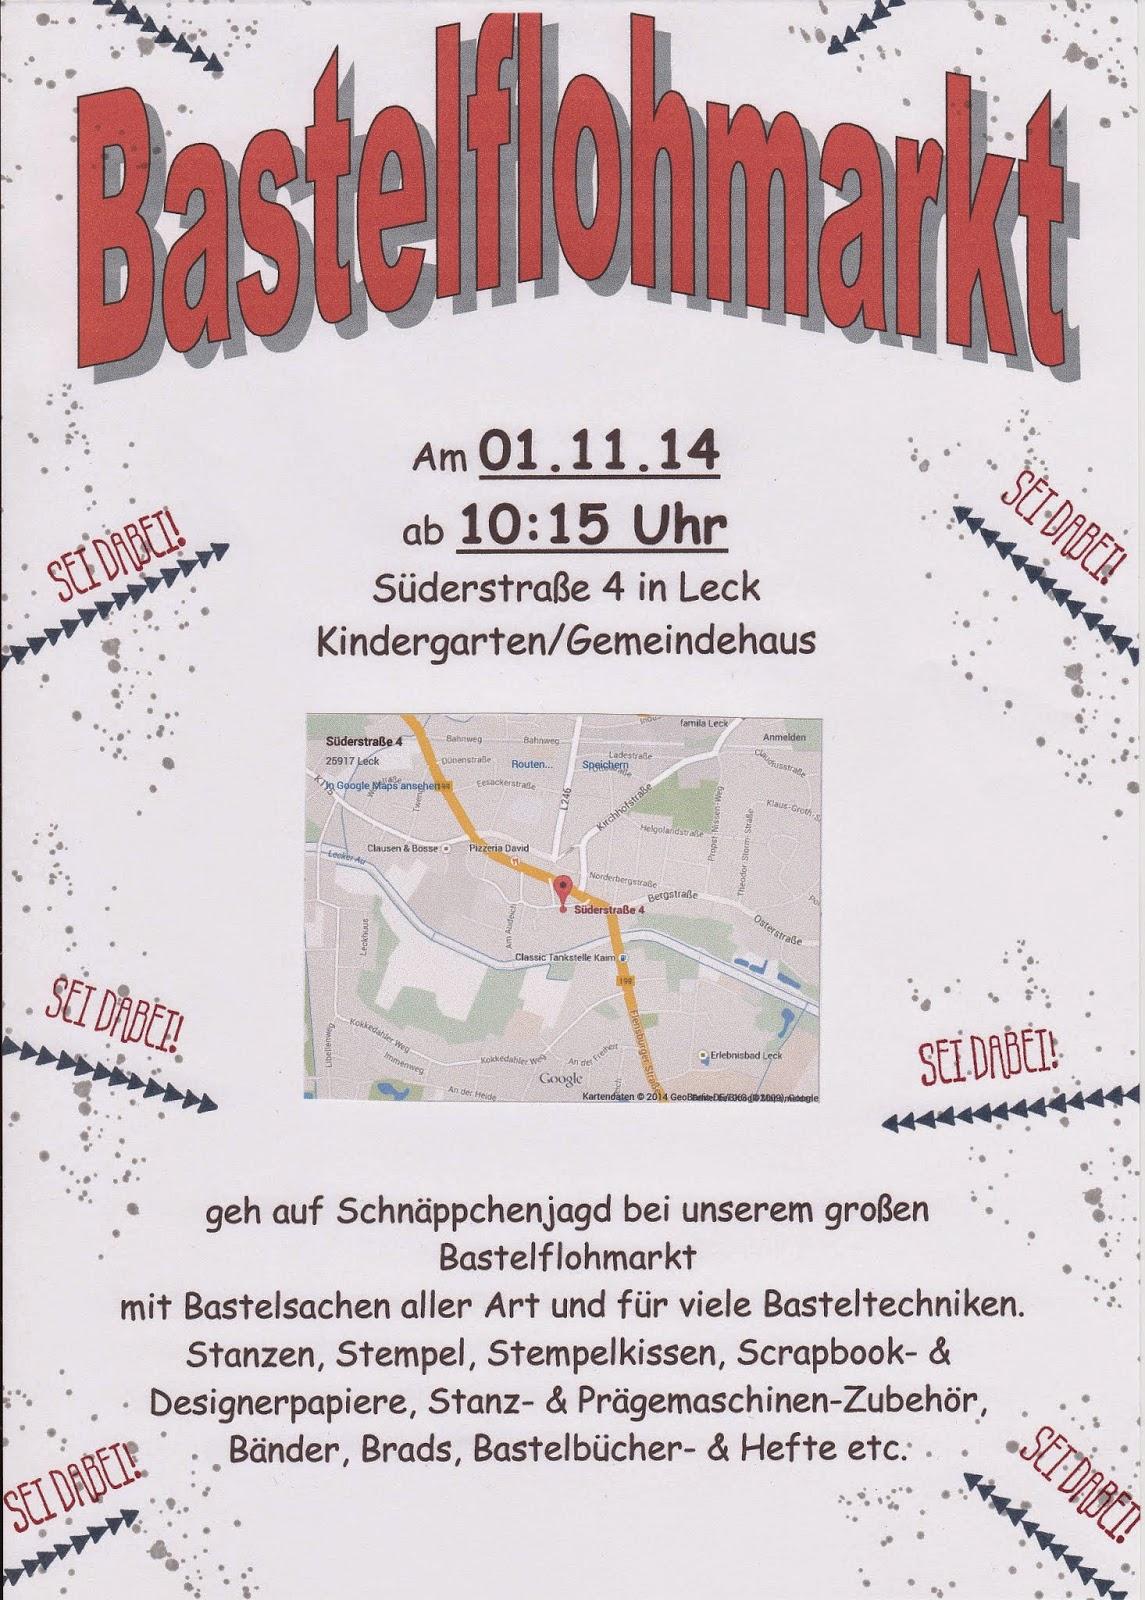 http://www.stempelfix.blogspot.de/2014/10/bastelflohmarkt.html